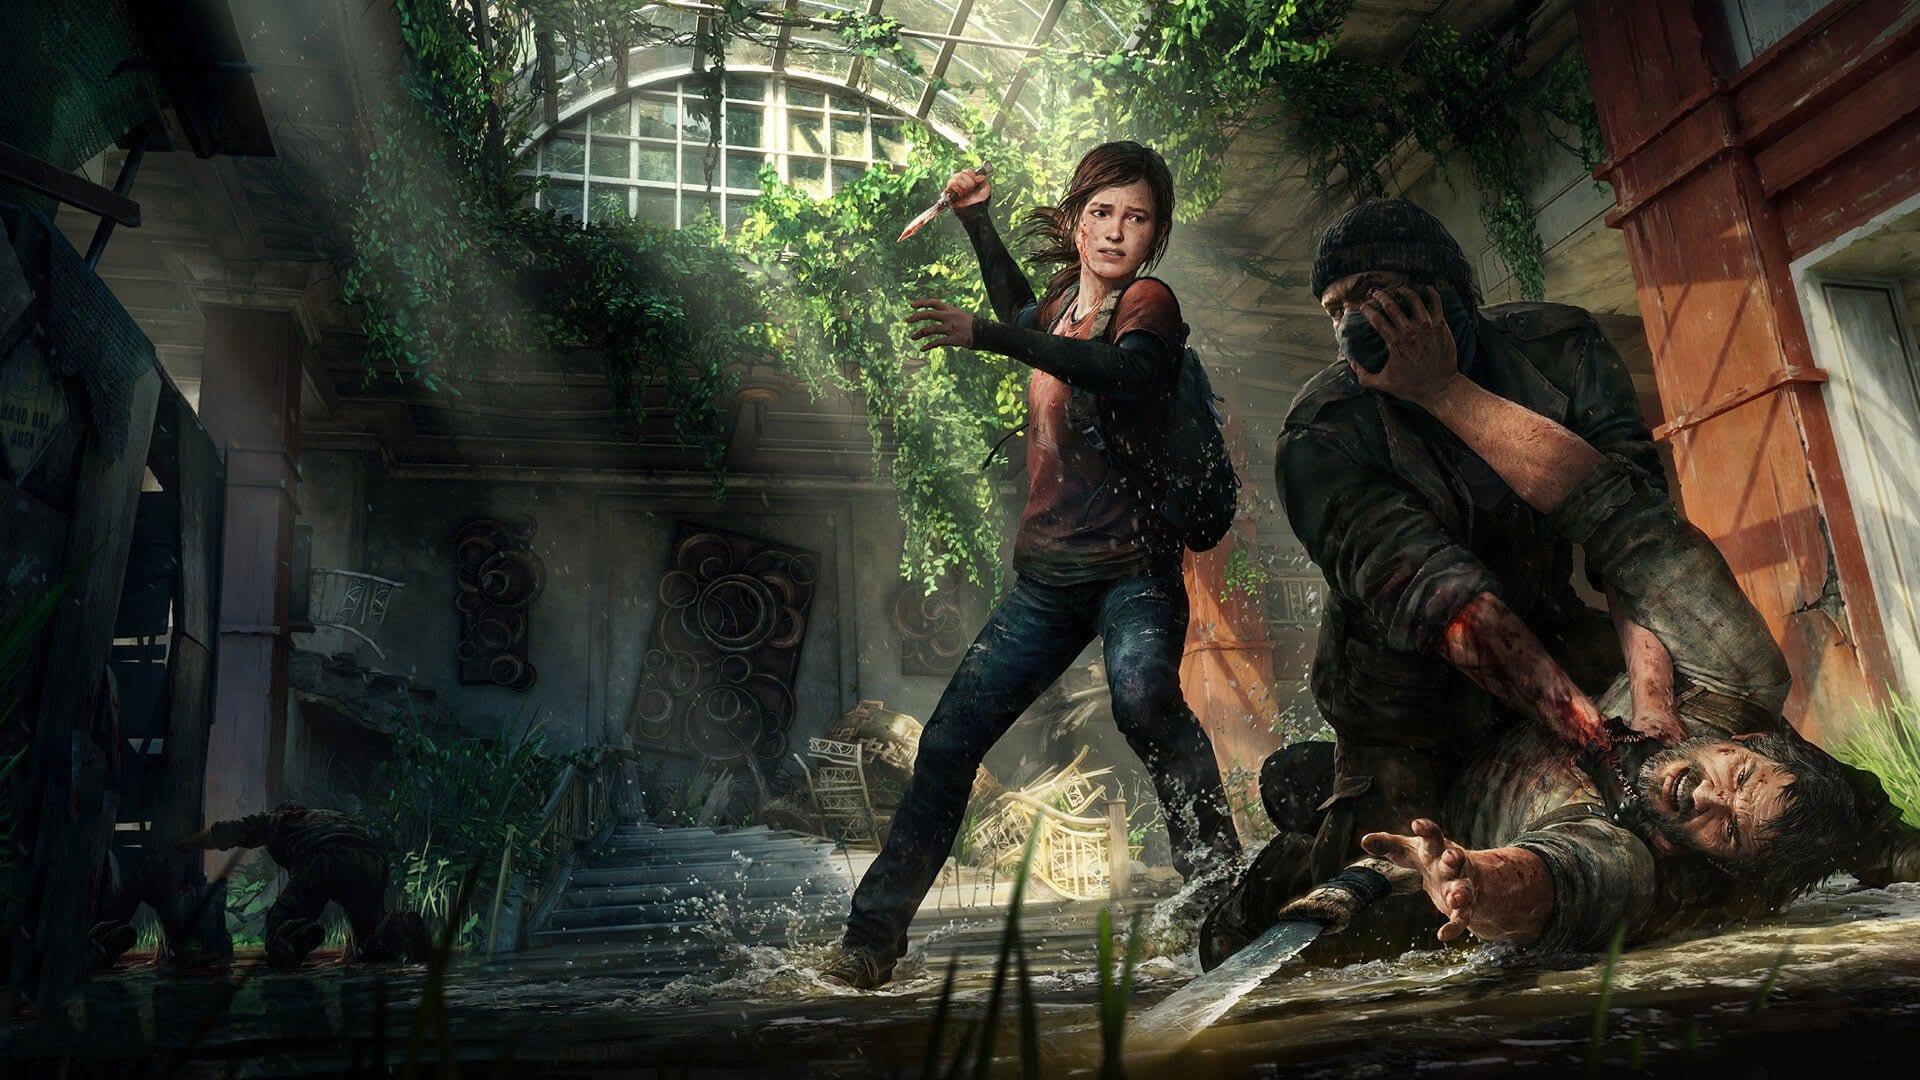 RPCS3: С патчем 1.2 эмуляция The Last of Us и Uncharted 2-3 получила значительный рост производительности